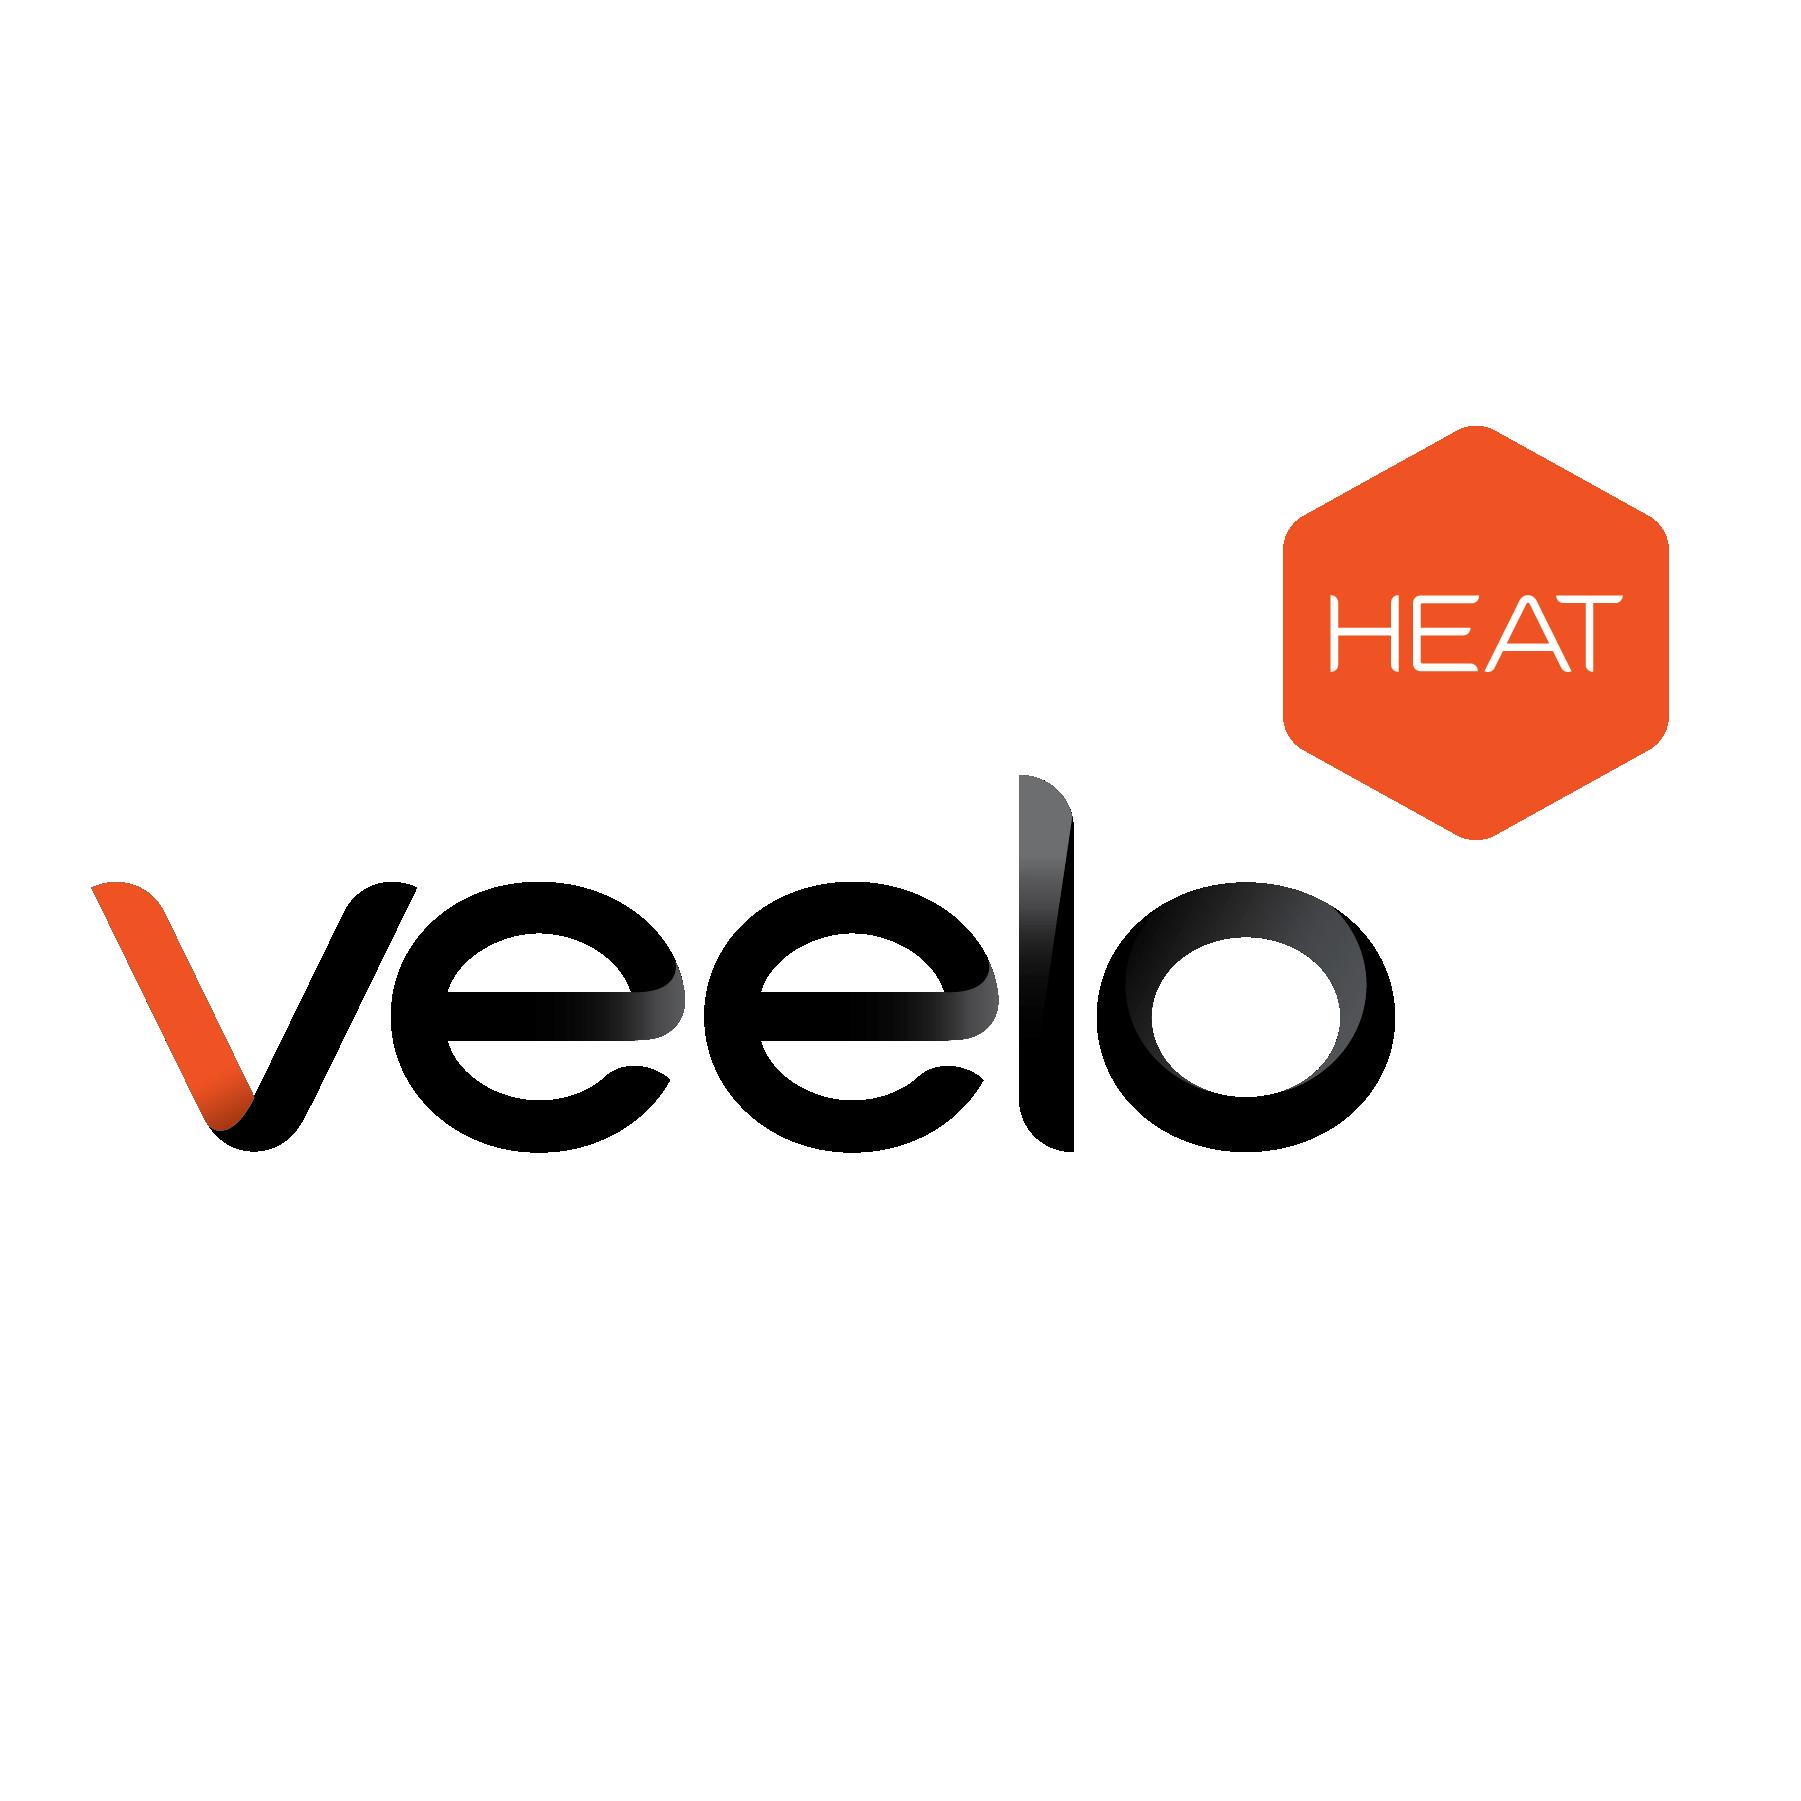 Veelo_Heat.png